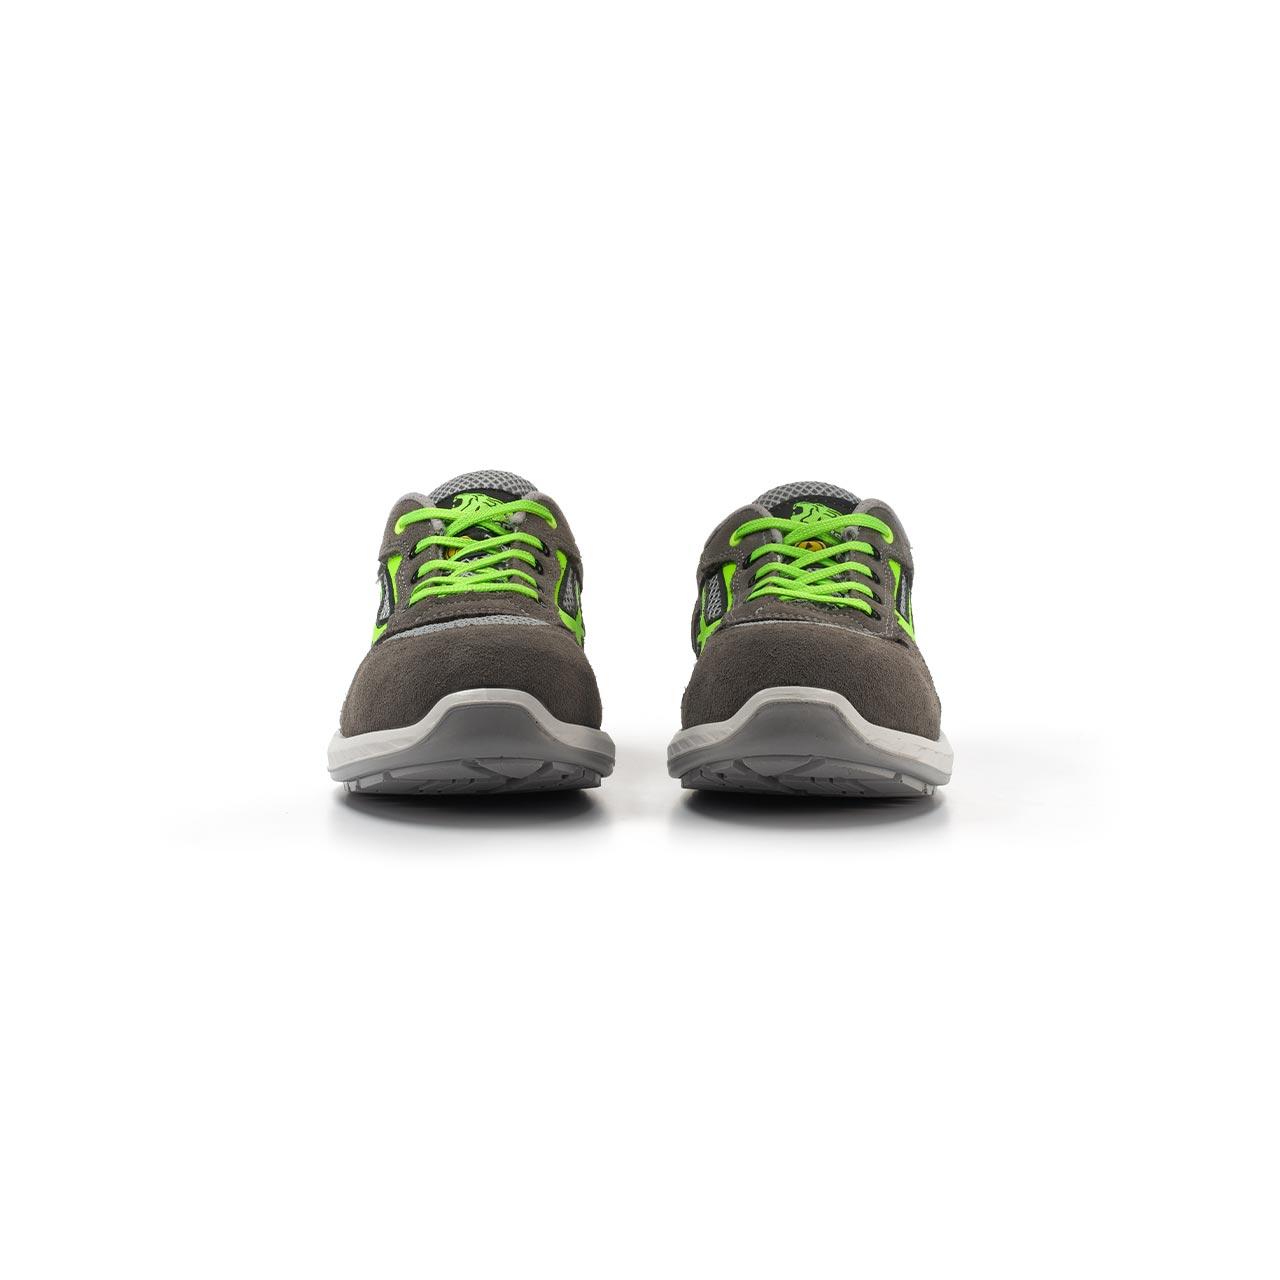 paio di scarpe antinfortunistiche upower modello rio linea redindustry vista frontale